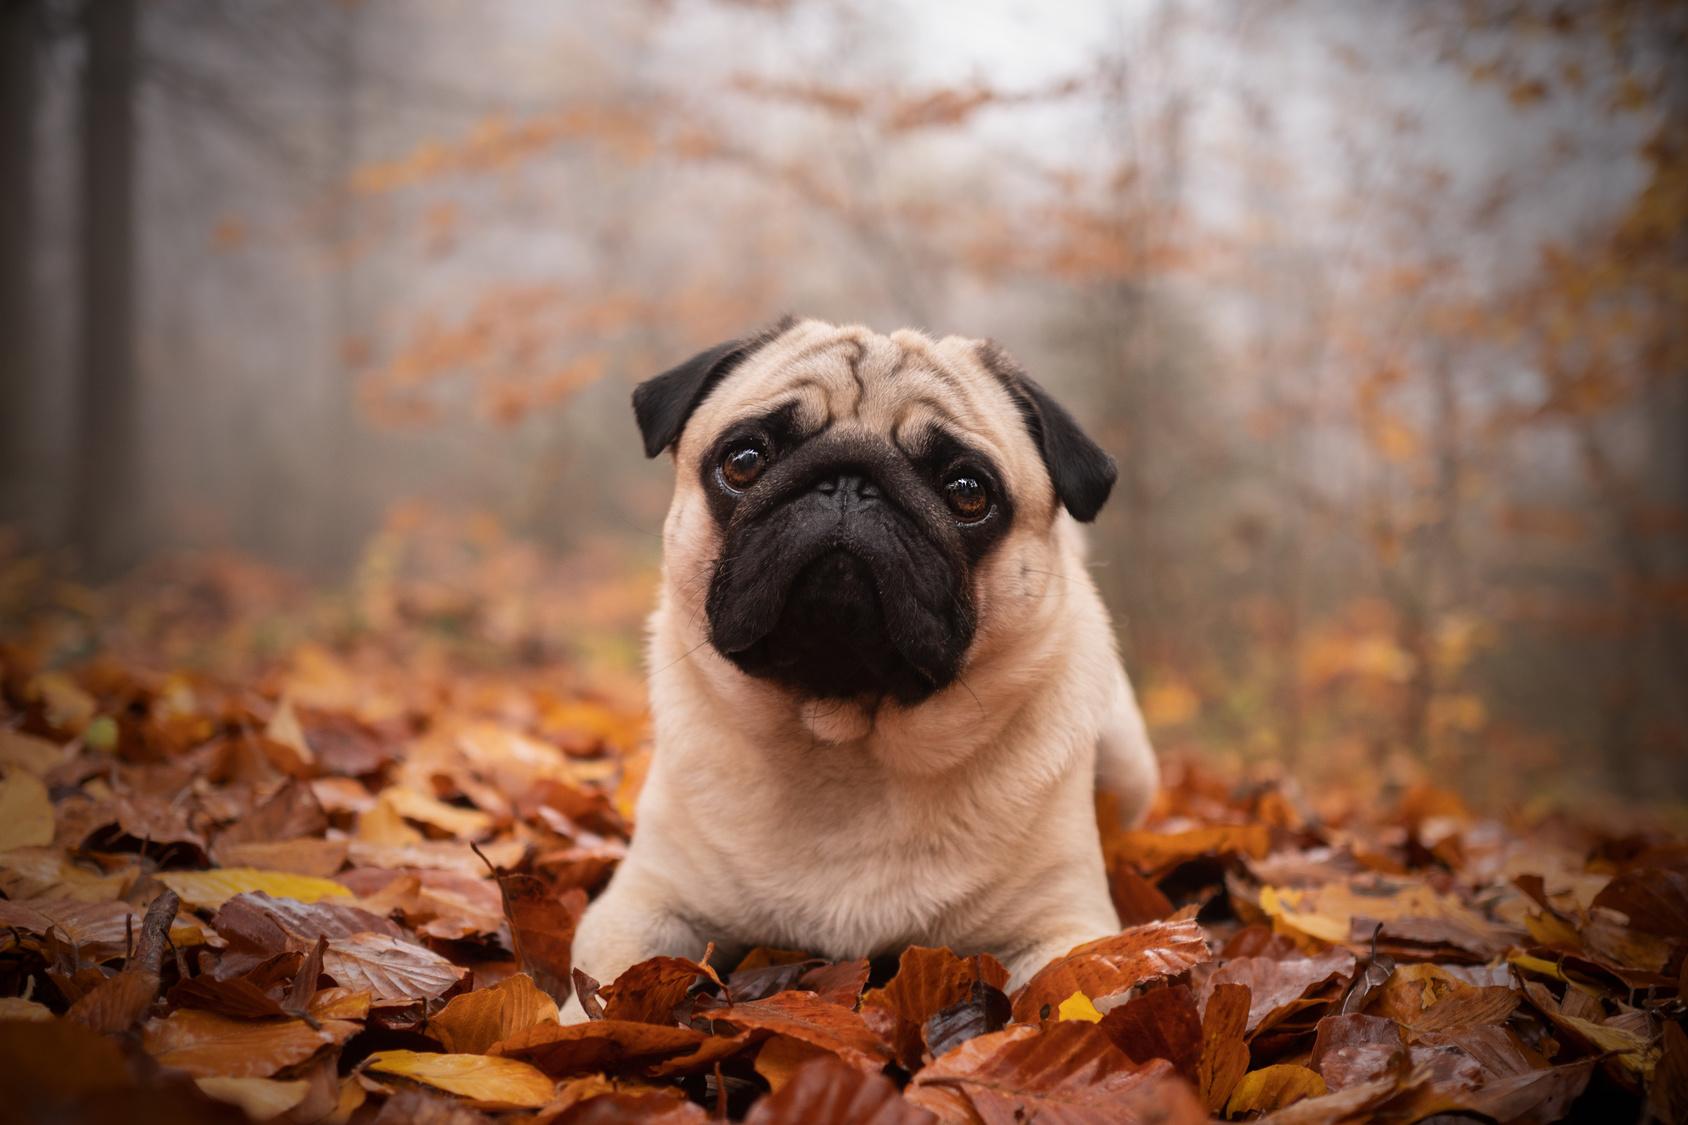 冬は愛犬が痩せやすい季節?!痩せる理由と冬痩せ対策とは?!【レシピ公開】